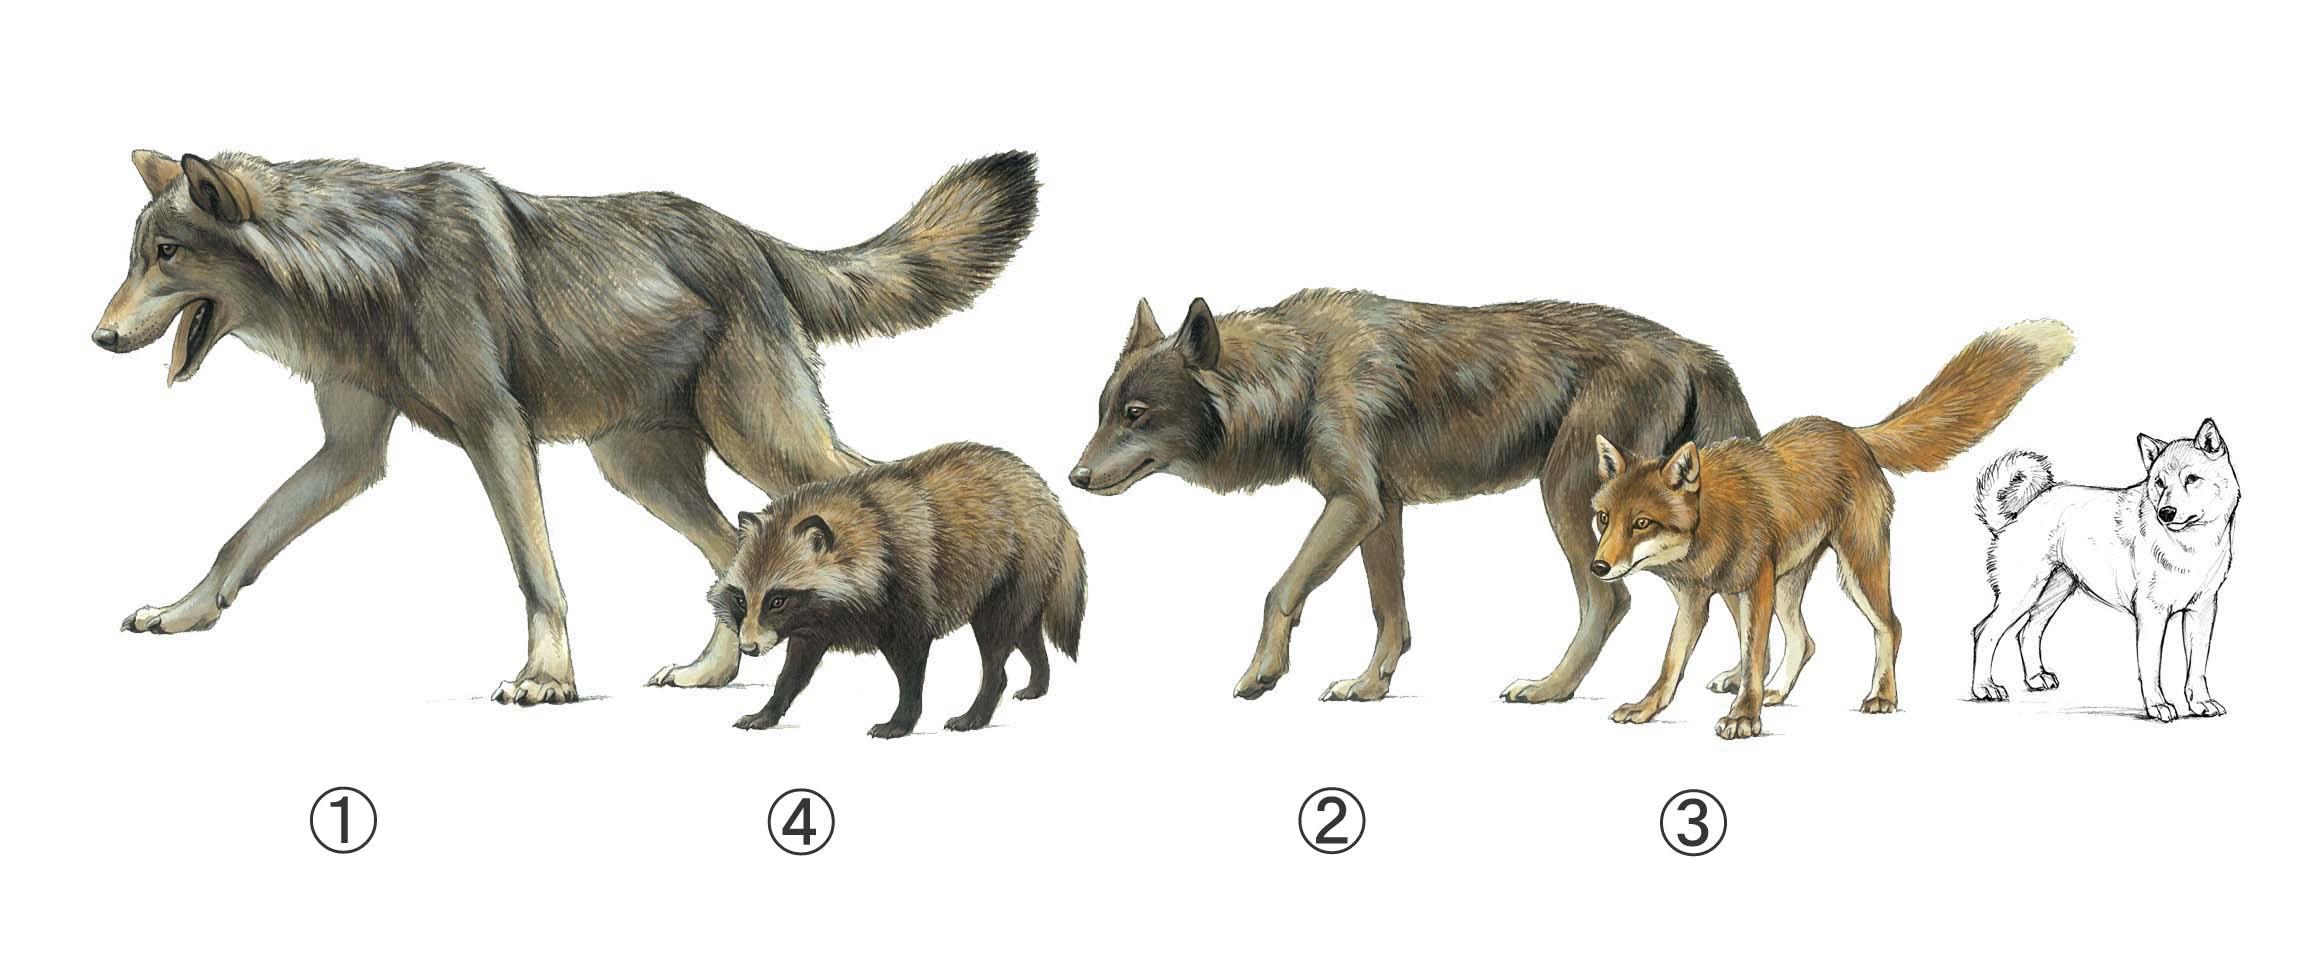 ニホンオオカミの画像 p1_22